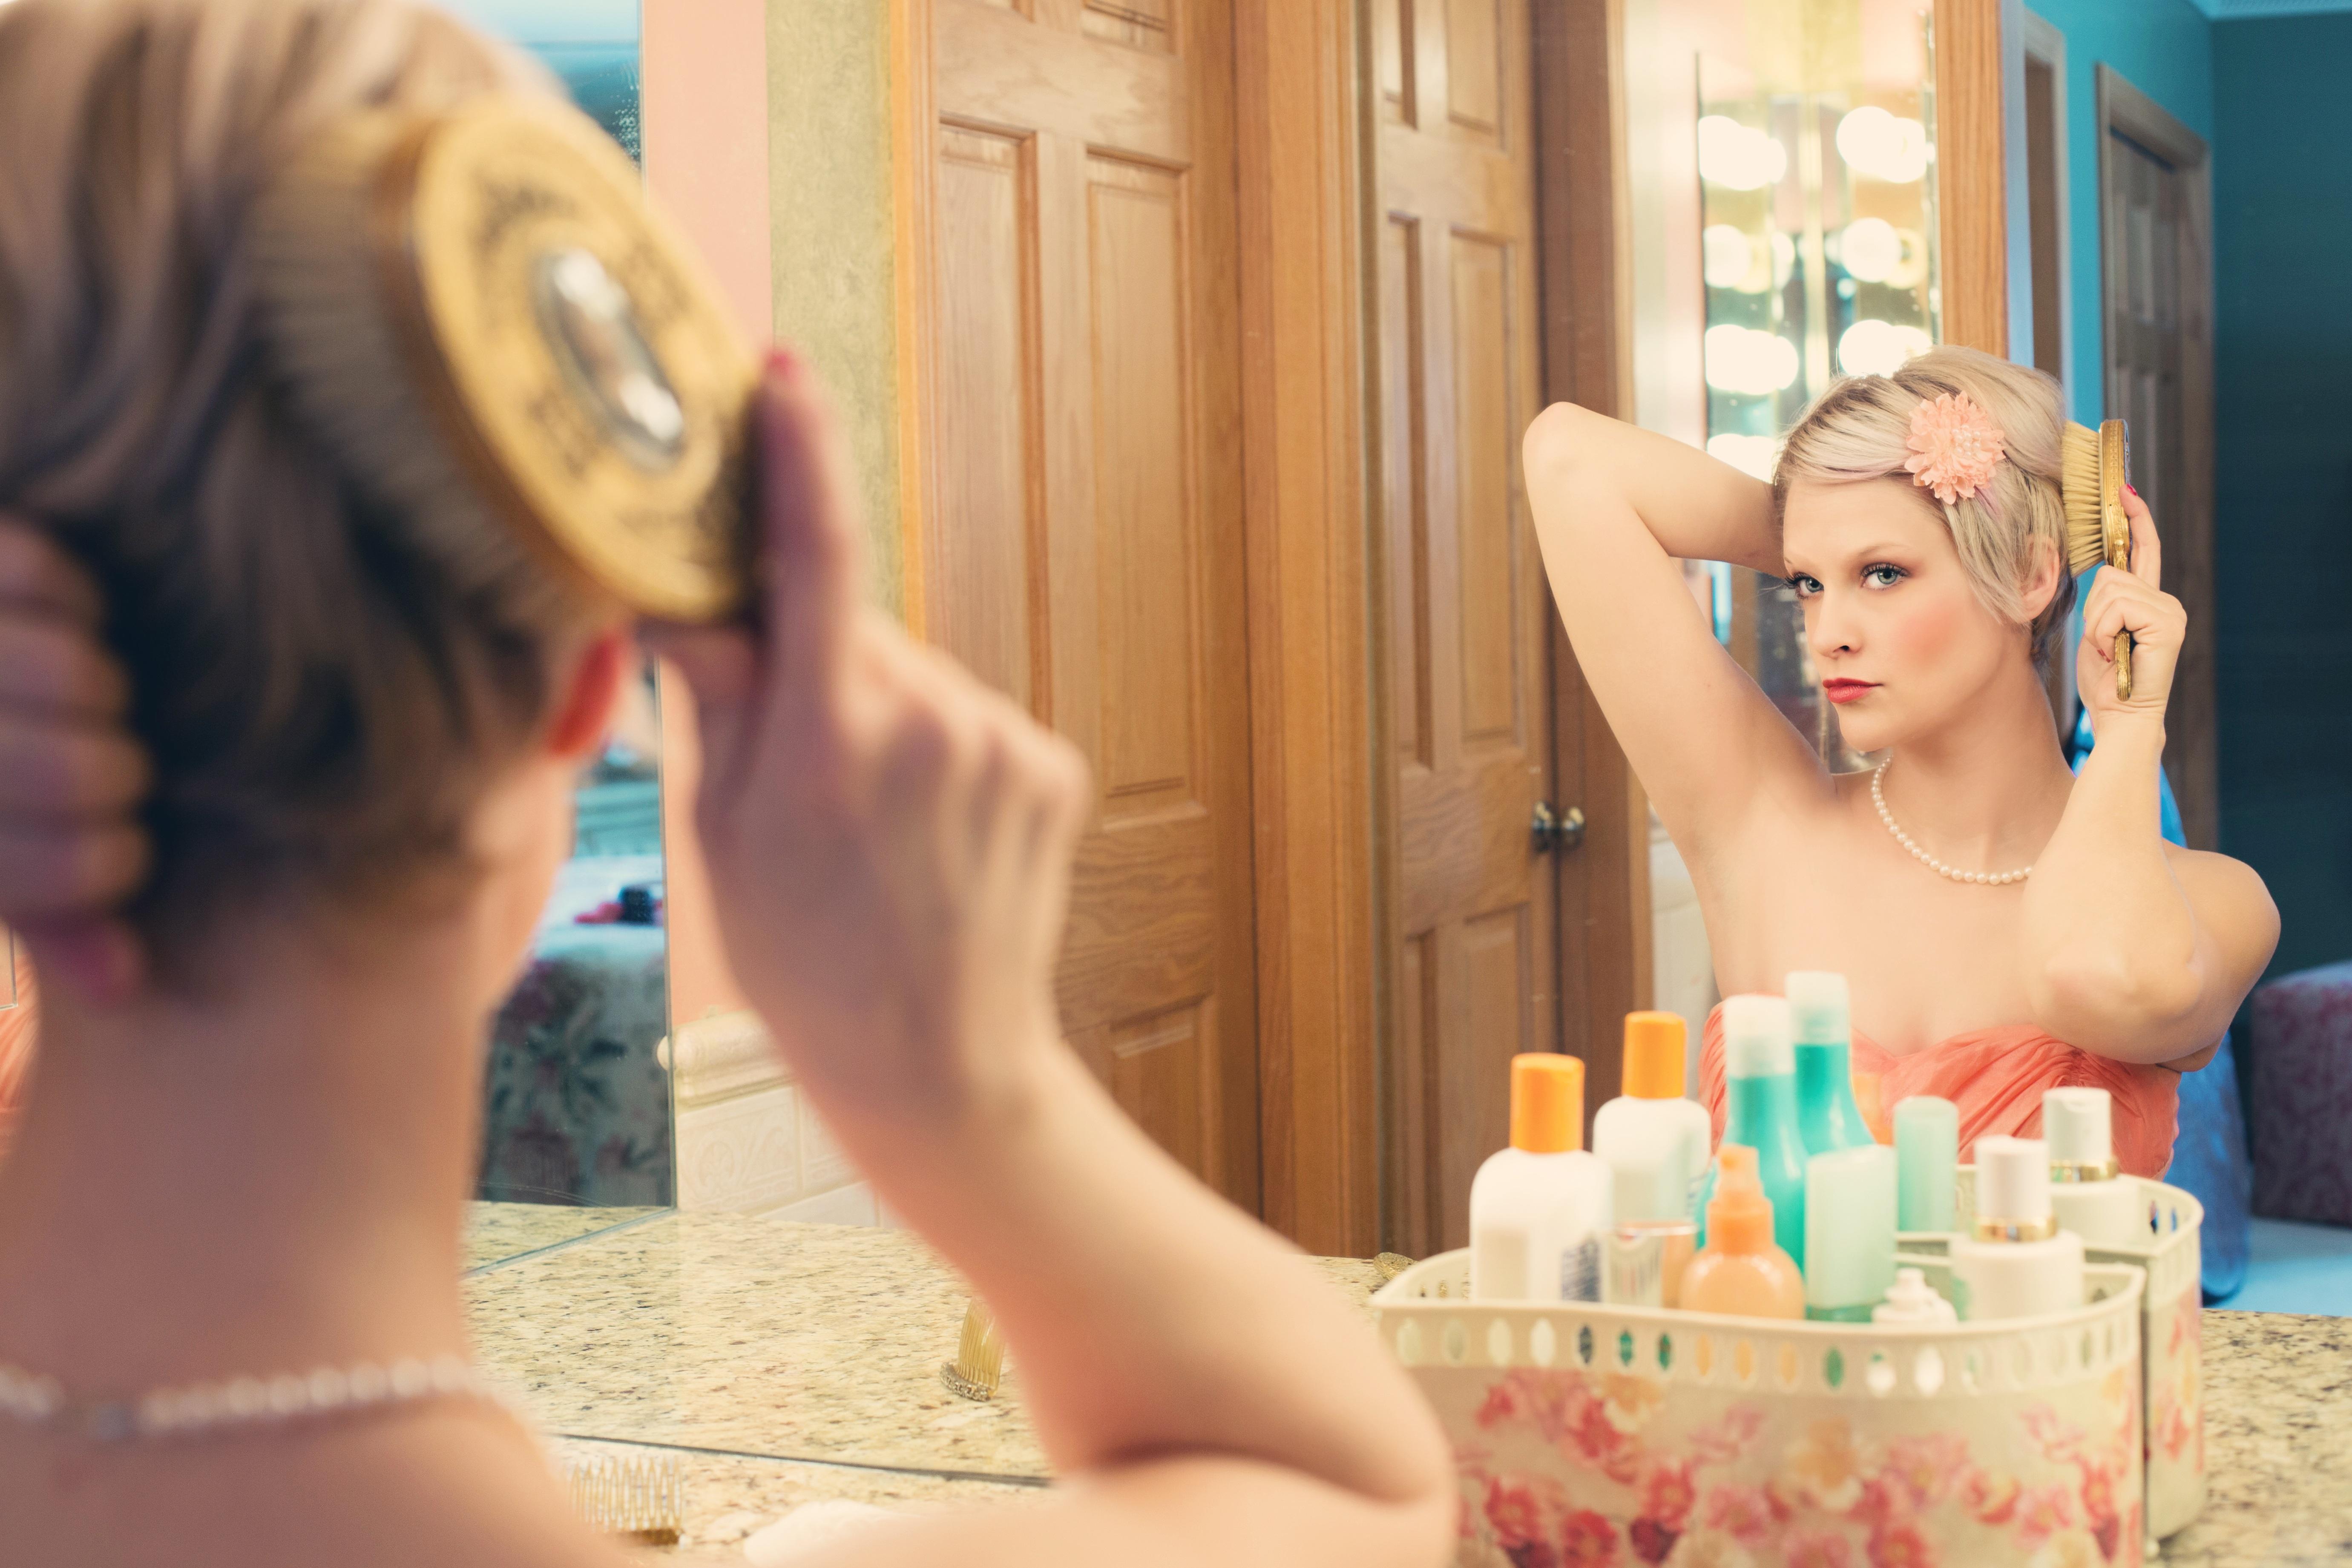 pretty-woman-makeup-mirror-glamour-39250_2.jpeg